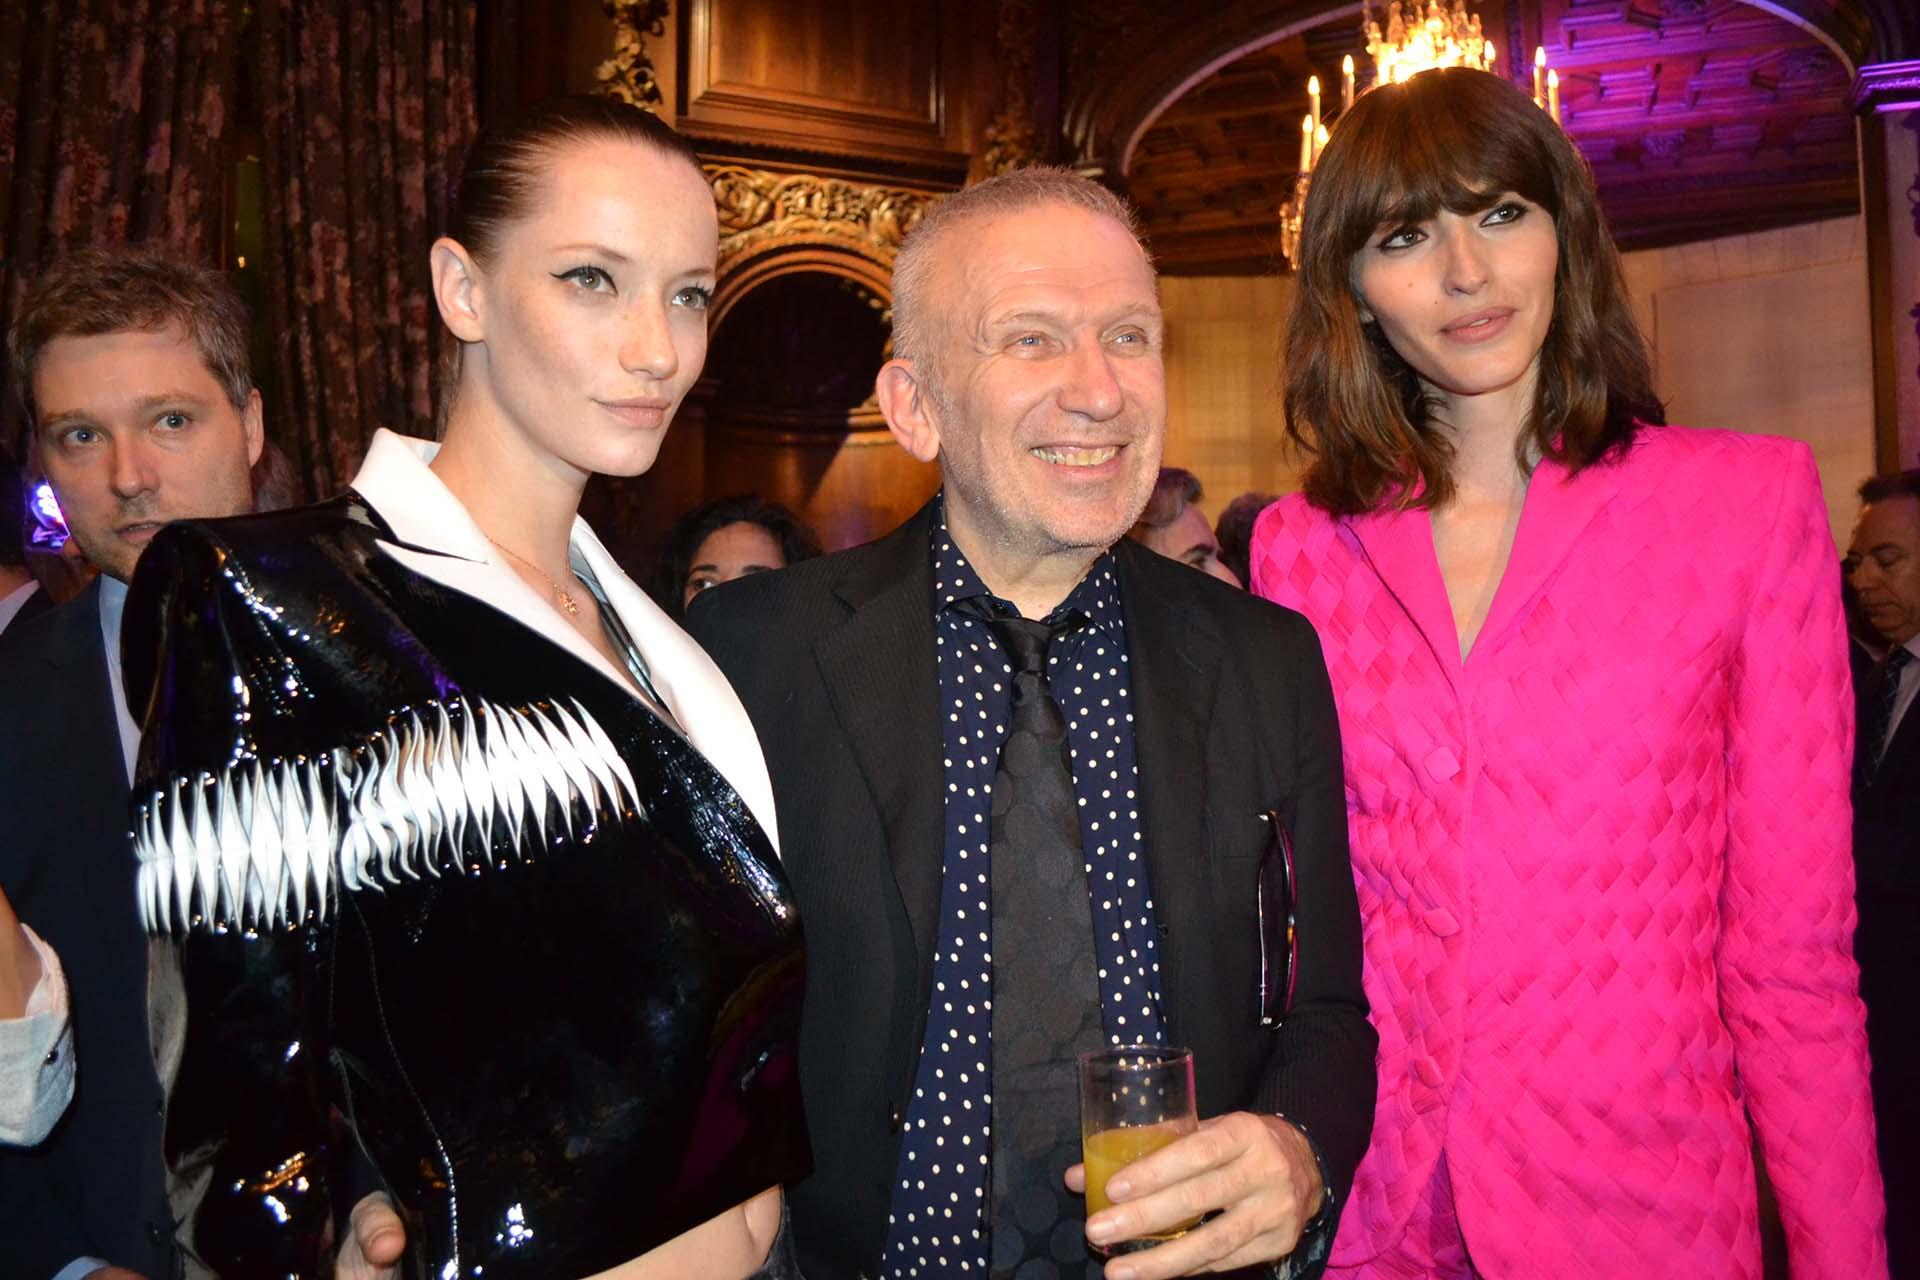 """El diseñador francés Jean-Paul Gaultier vino a la Argentina para exponer en el CCK sus diseños de trajes de boda, en la muestra """"Amor es amor"""". Aquí, posando con dos de sus modelos."""